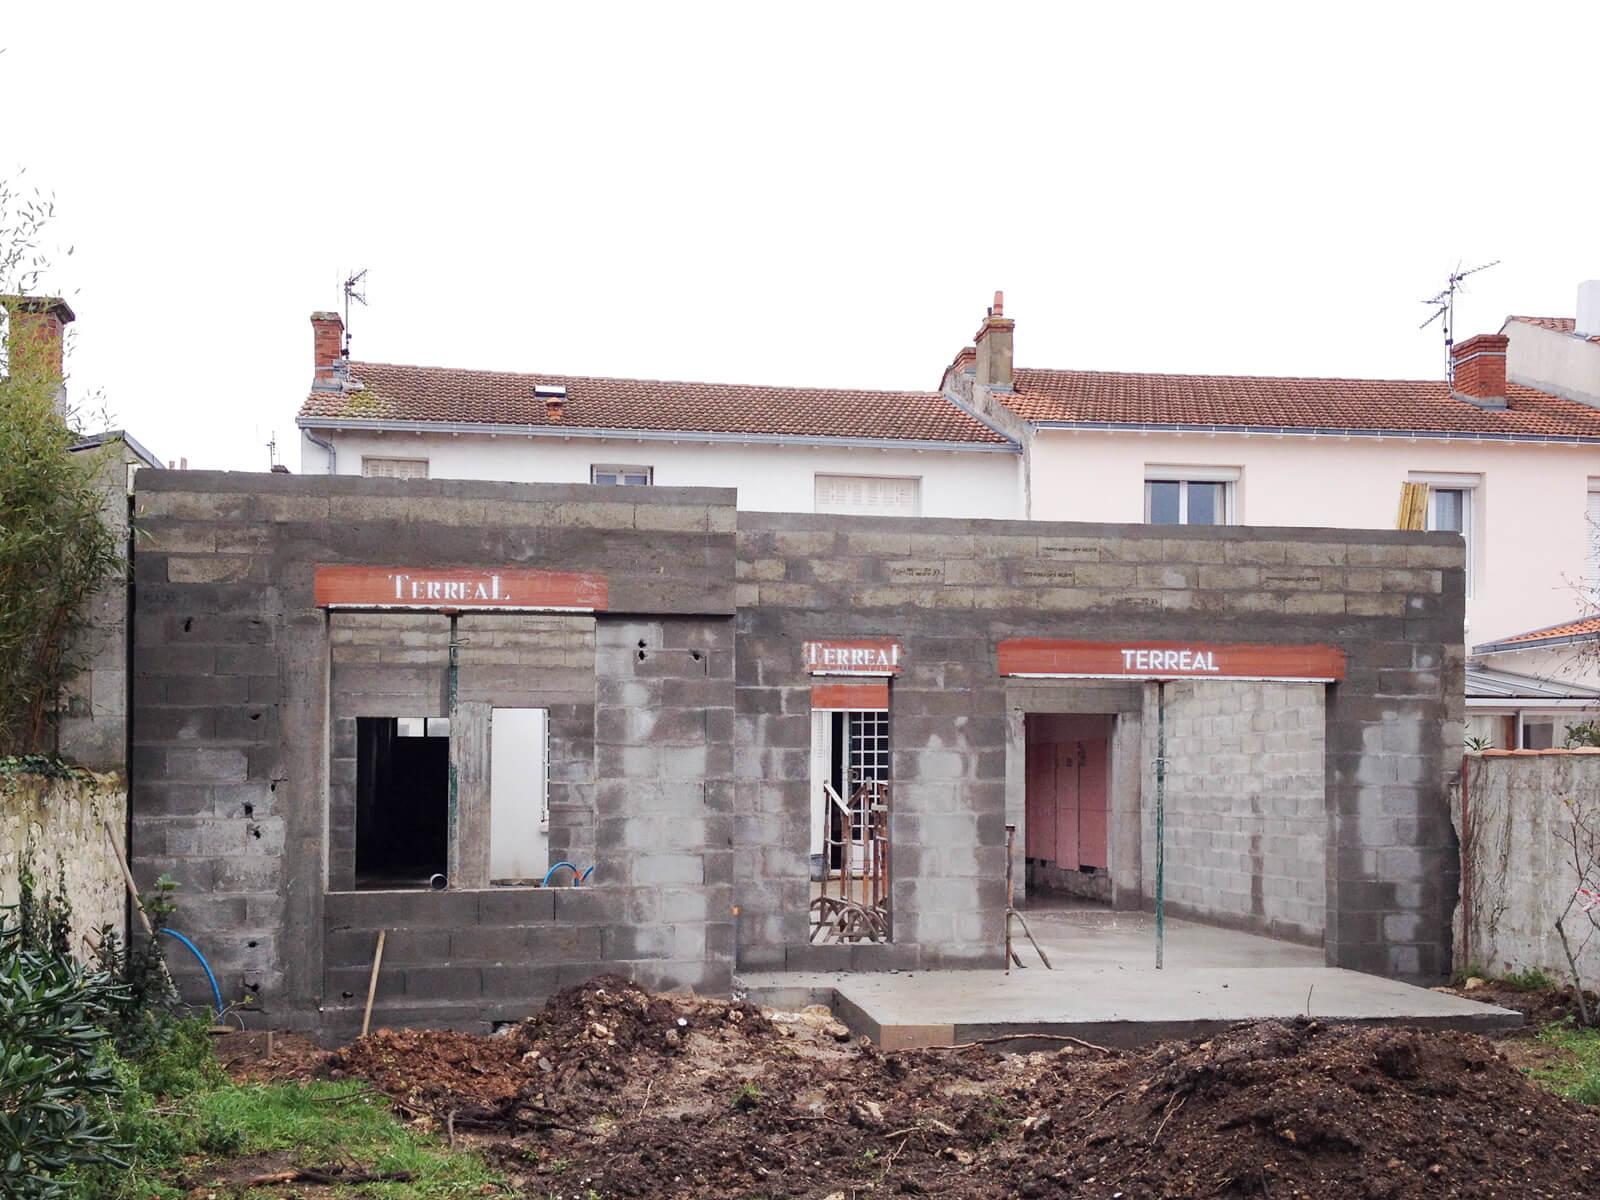 Ubik architectes extension c chantier for Chantier architecte